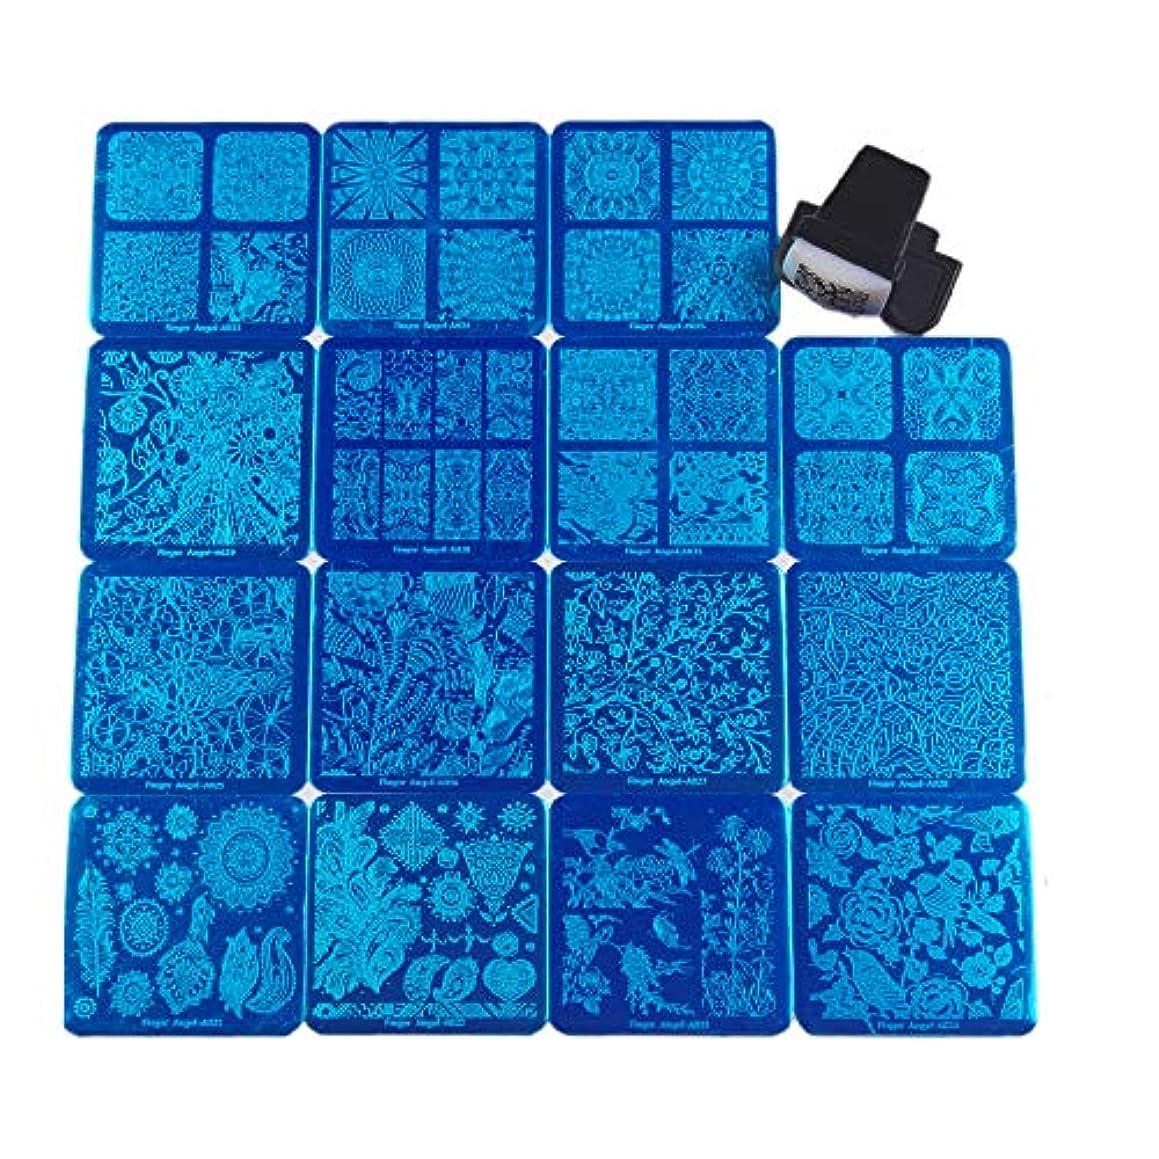 小売業界チャップFingerAngel ネイルイメージプレートセット ネイルプレート正方形15枚 スタンプ スクレーパー カードバッグ付き ネイルサロンも自宅も使えるネイルプレート